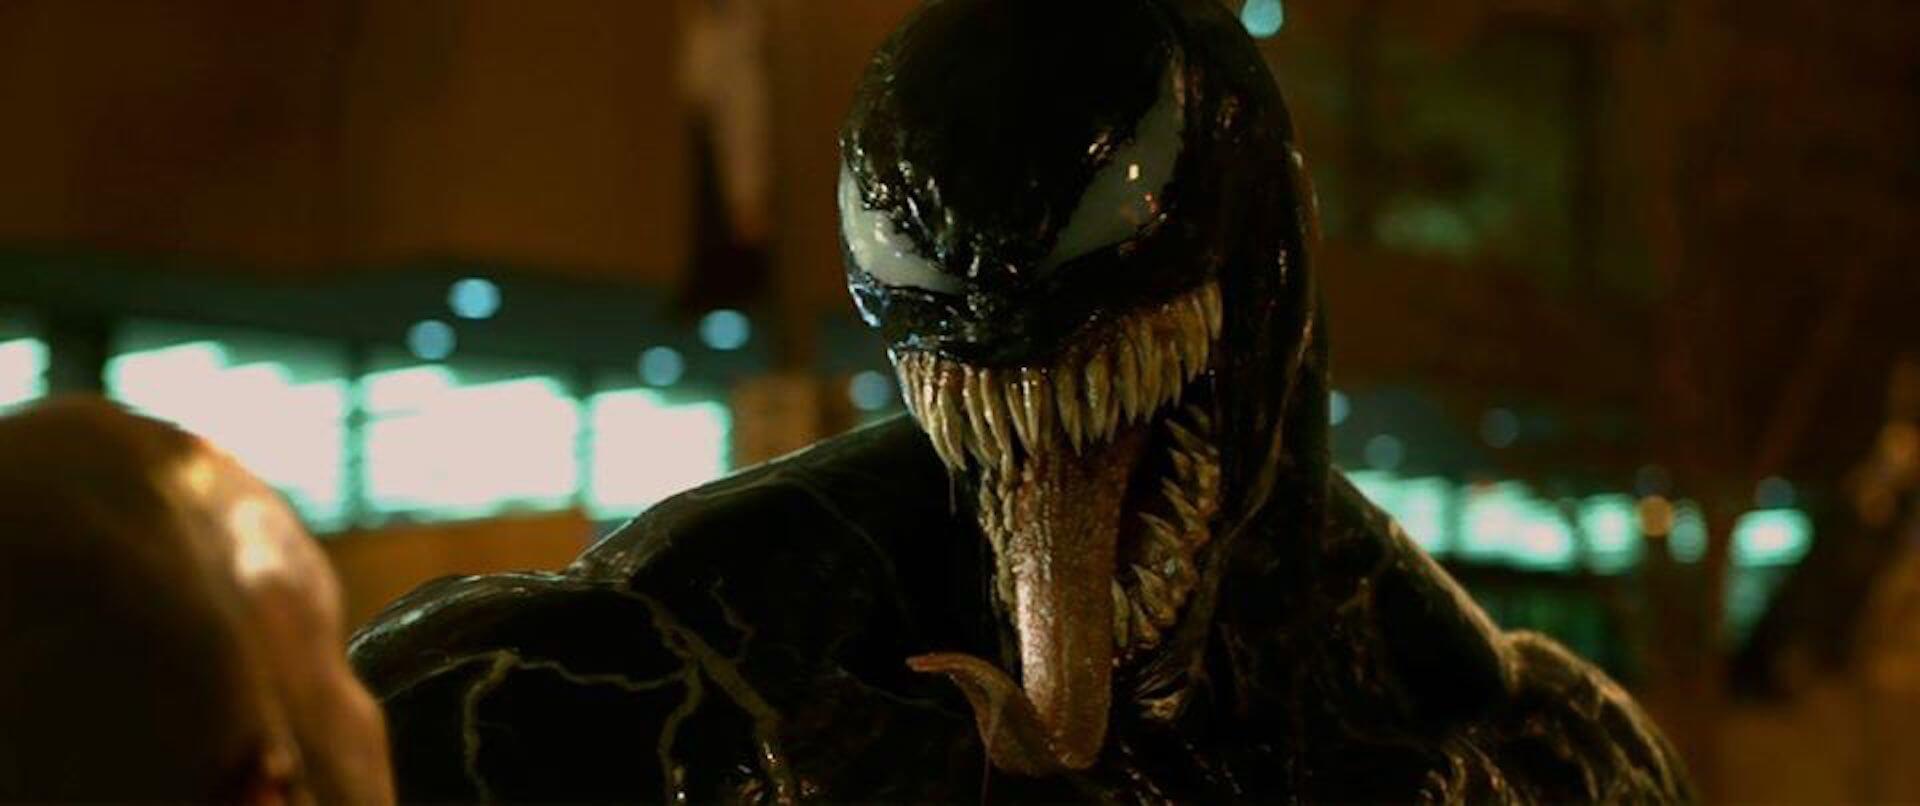 『ヴェノム2』にカーネイジ登場決定!タイトルが『Venom: Let There Be Carnage』に&公開日が延期に film200422_venom2_1